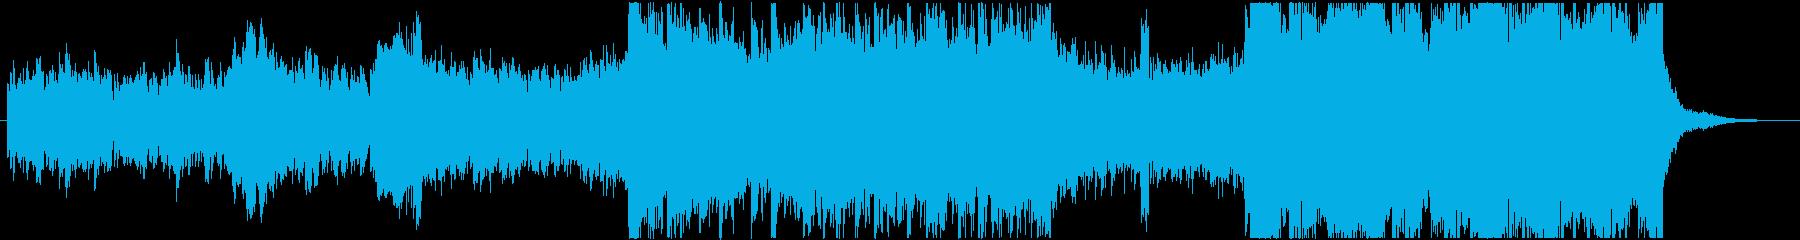 狂気的で謎解きシリアスなサスペンス音楽の再生済みの波形